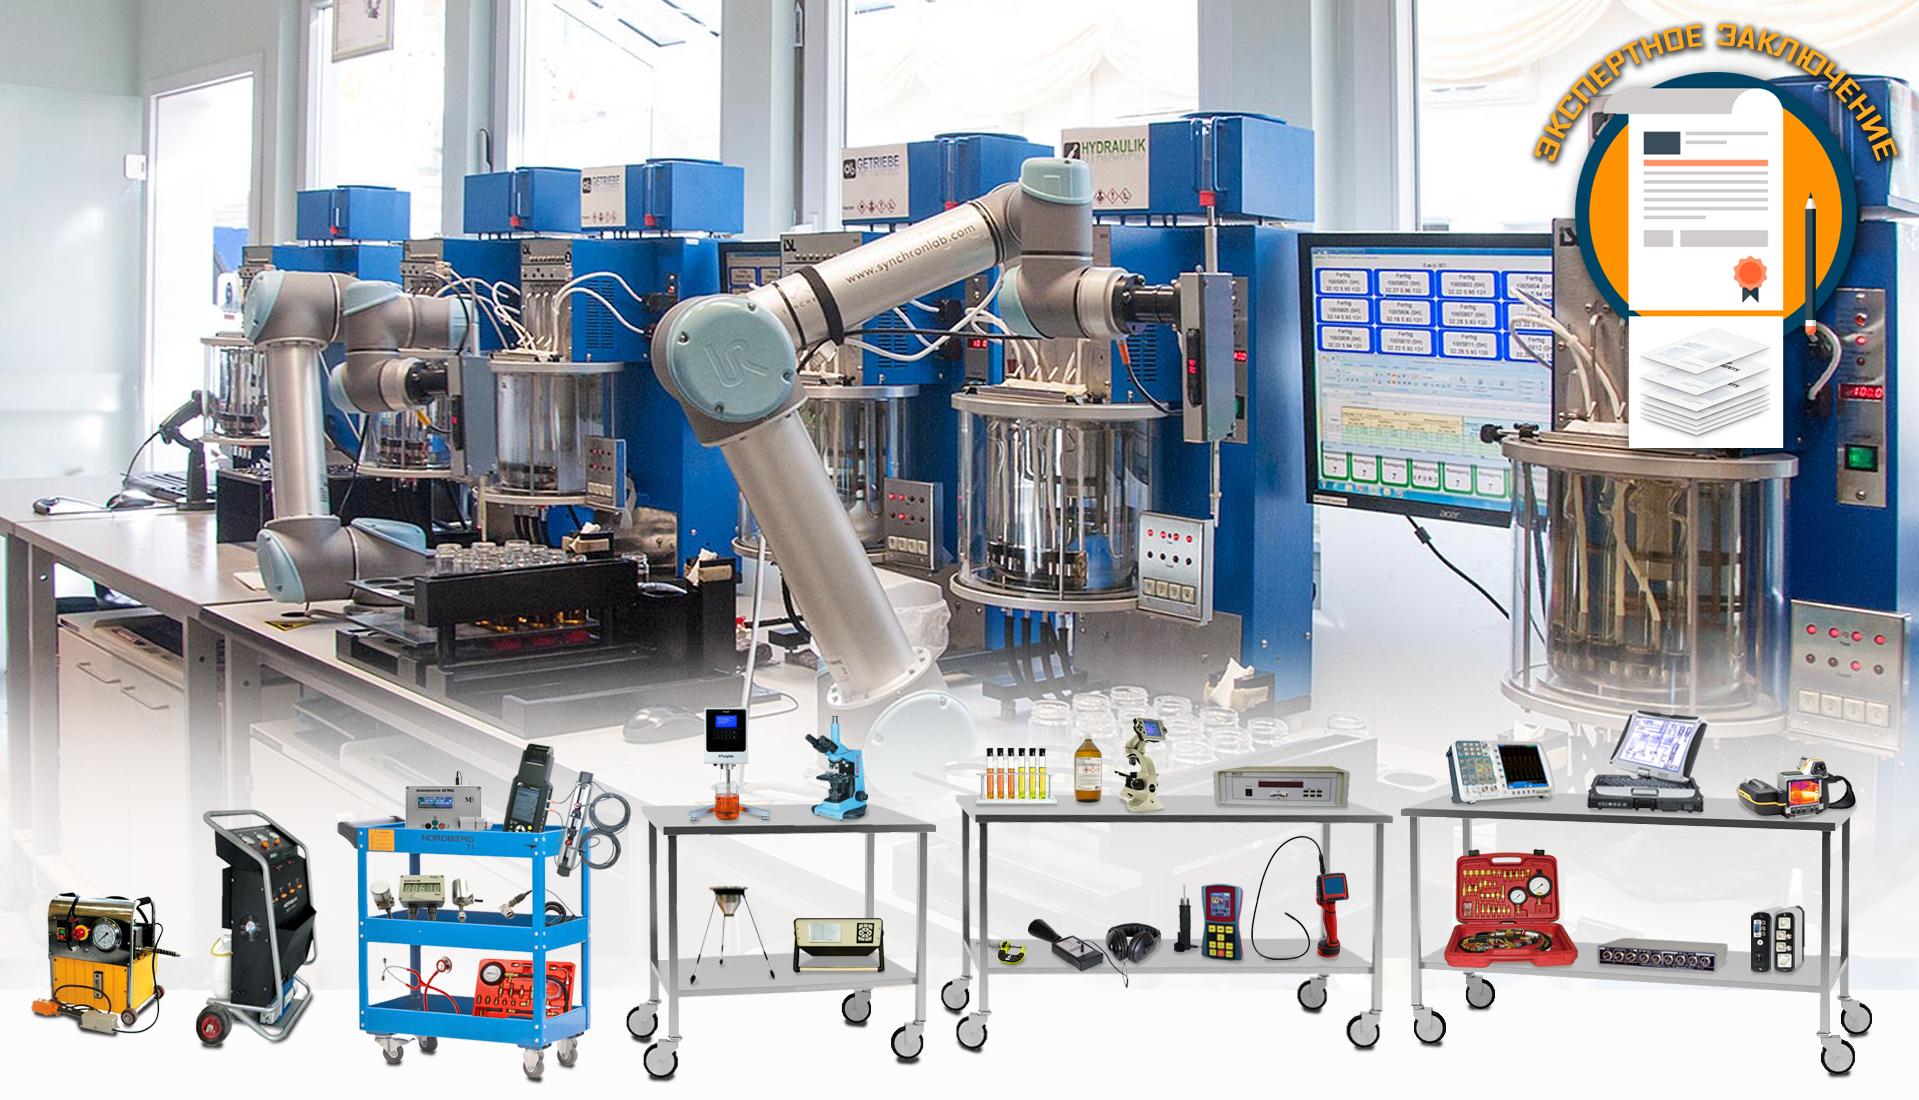 Анализ состава и тест физико-химических характеристик масел, топлива, смазок и хладагентов